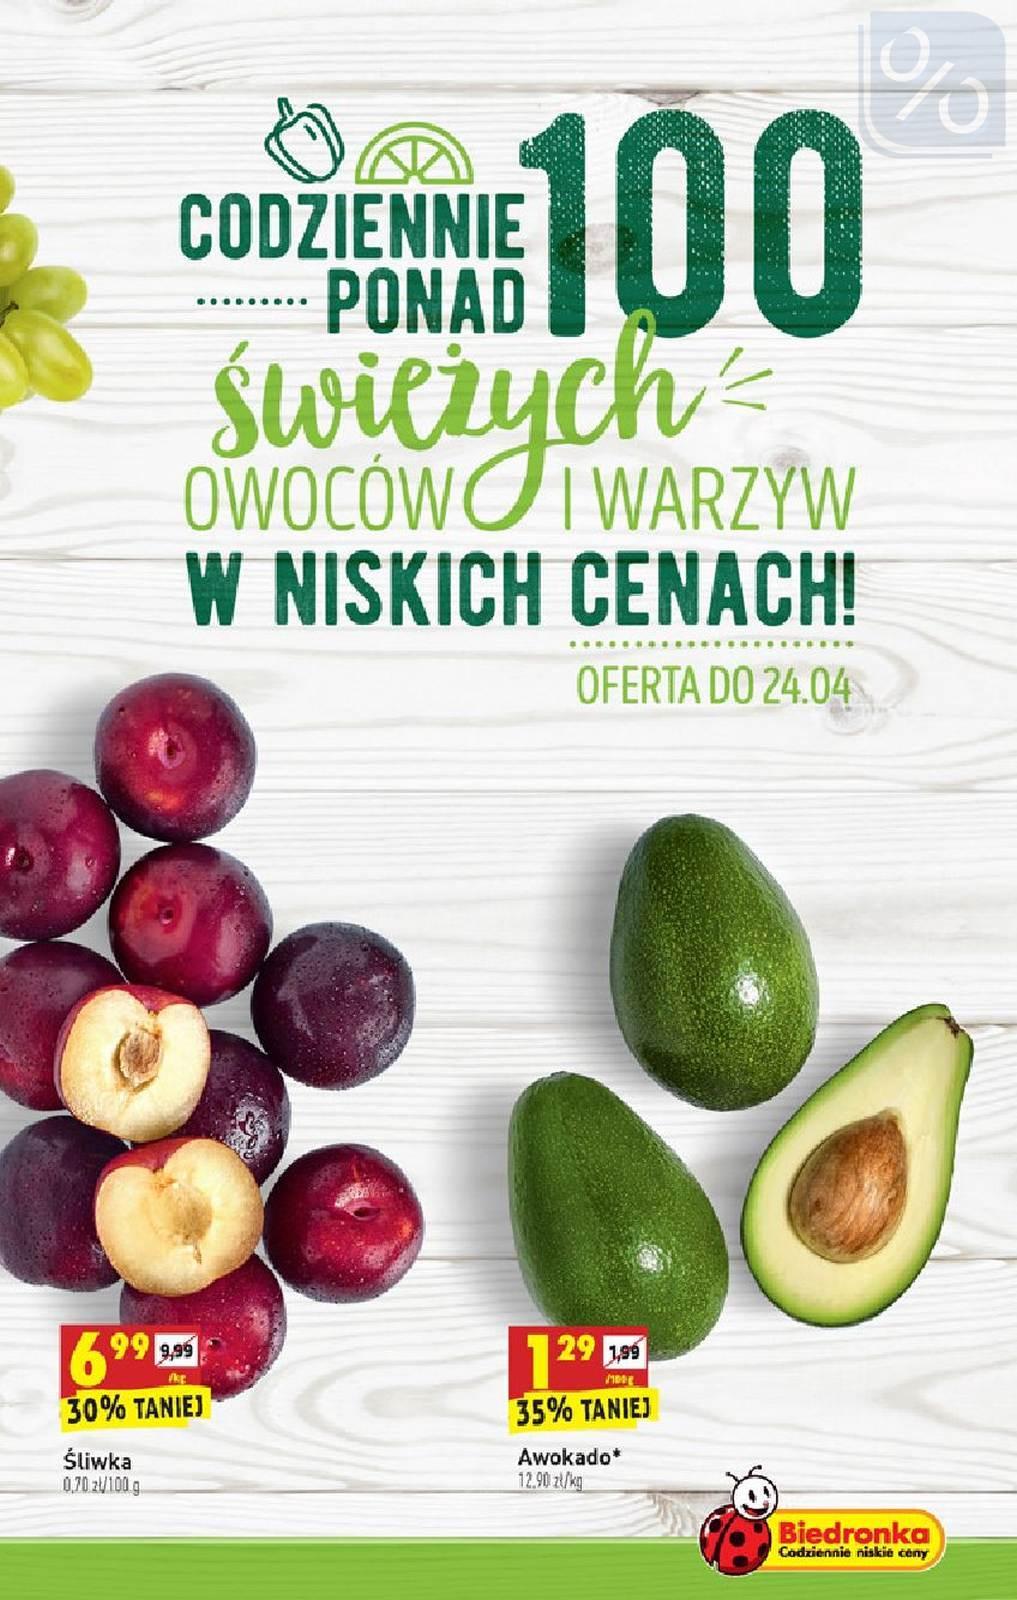 Gazetka promocyjna Biedronka do 28/04/2019 str.6